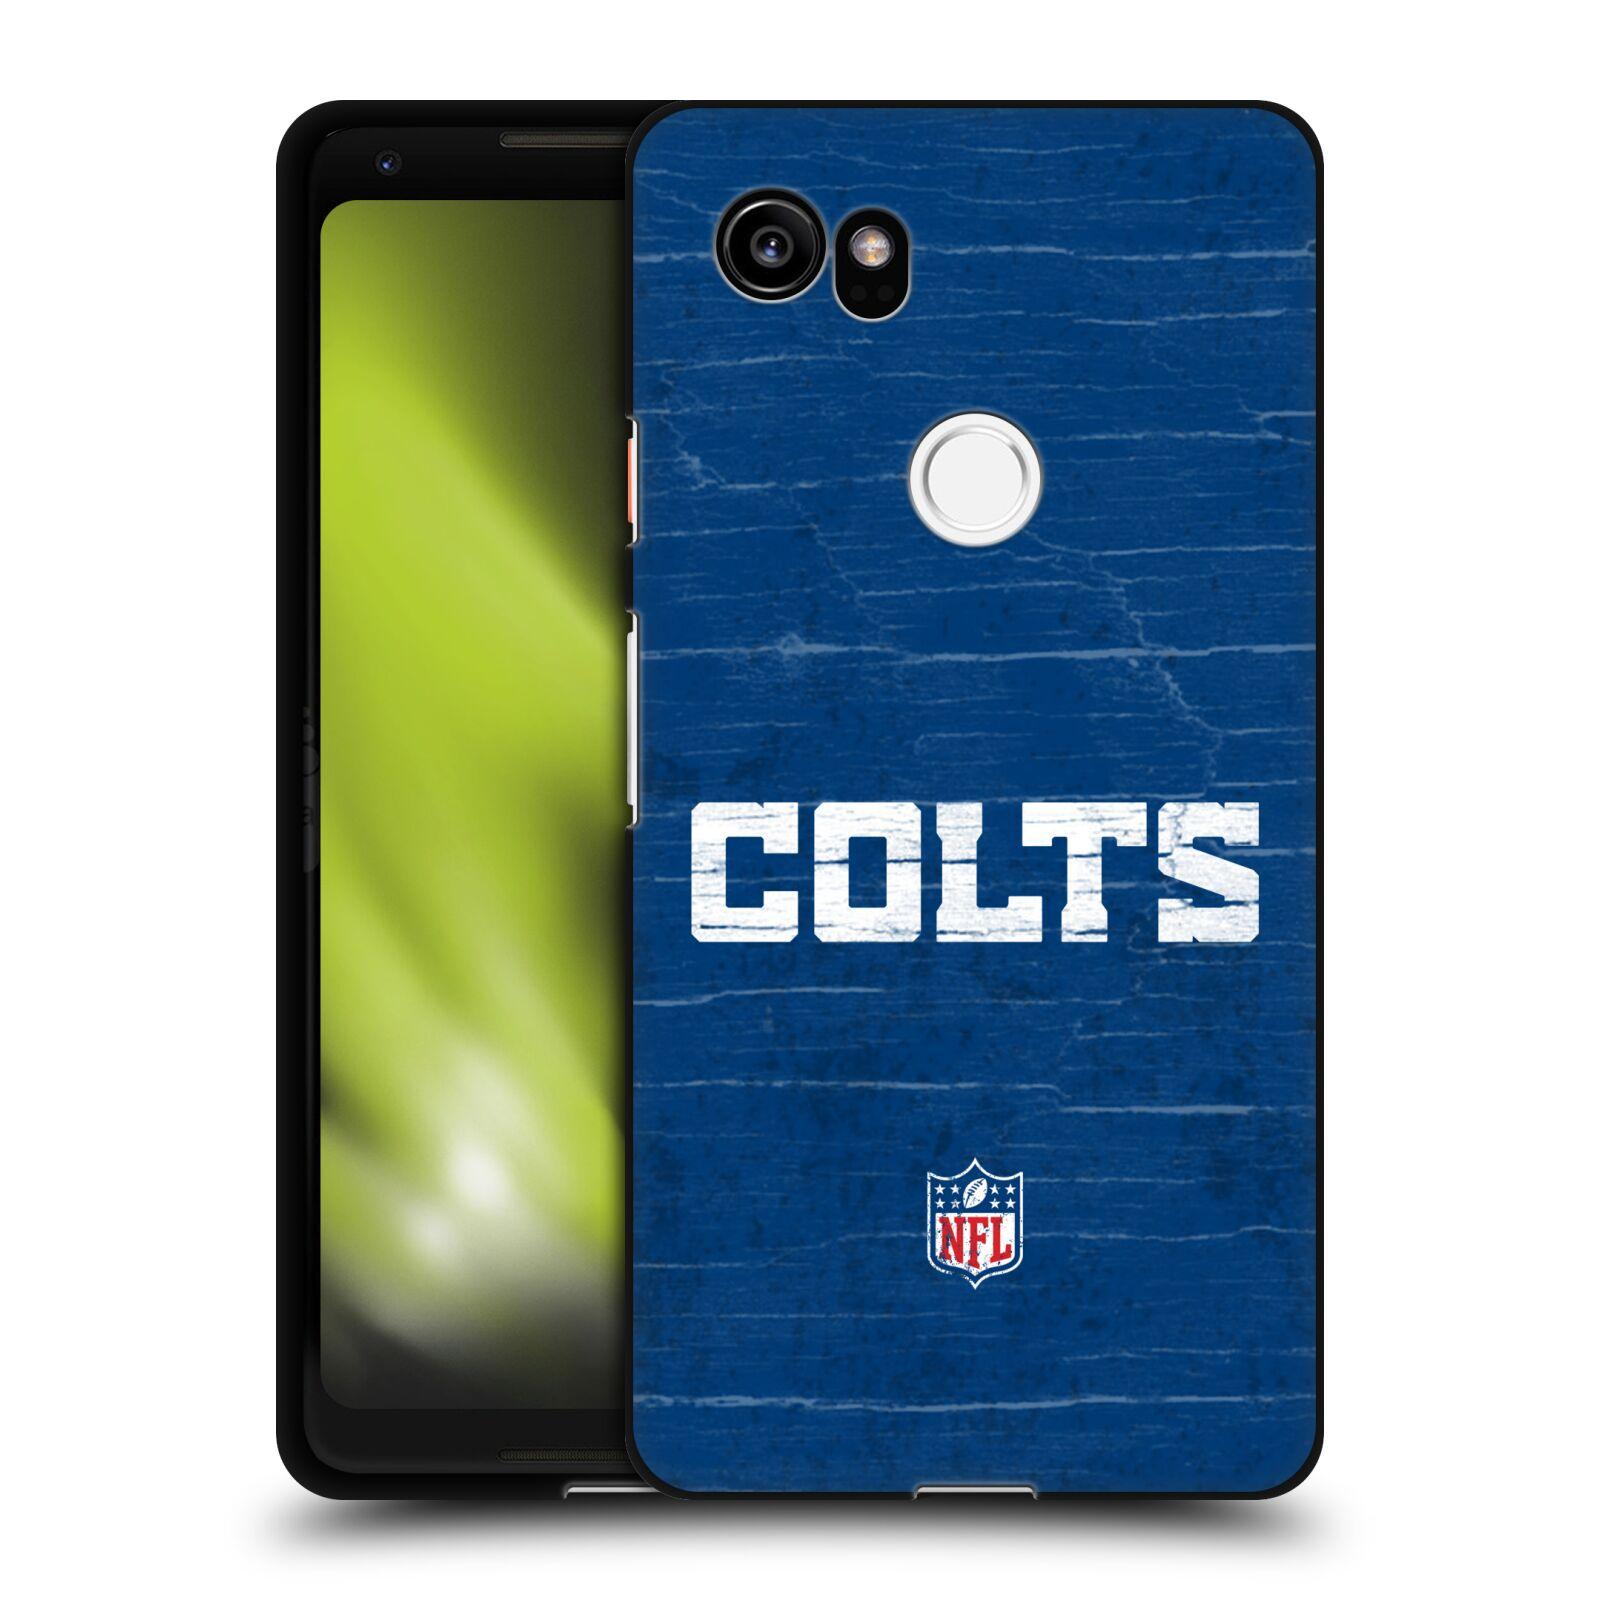 OFFICIEL-NFL-INDIANAPOLIS-COLTS-LOGO-COQUE-EN-GEL-NOIR-POUR-GOOGLE-TELEPHONES